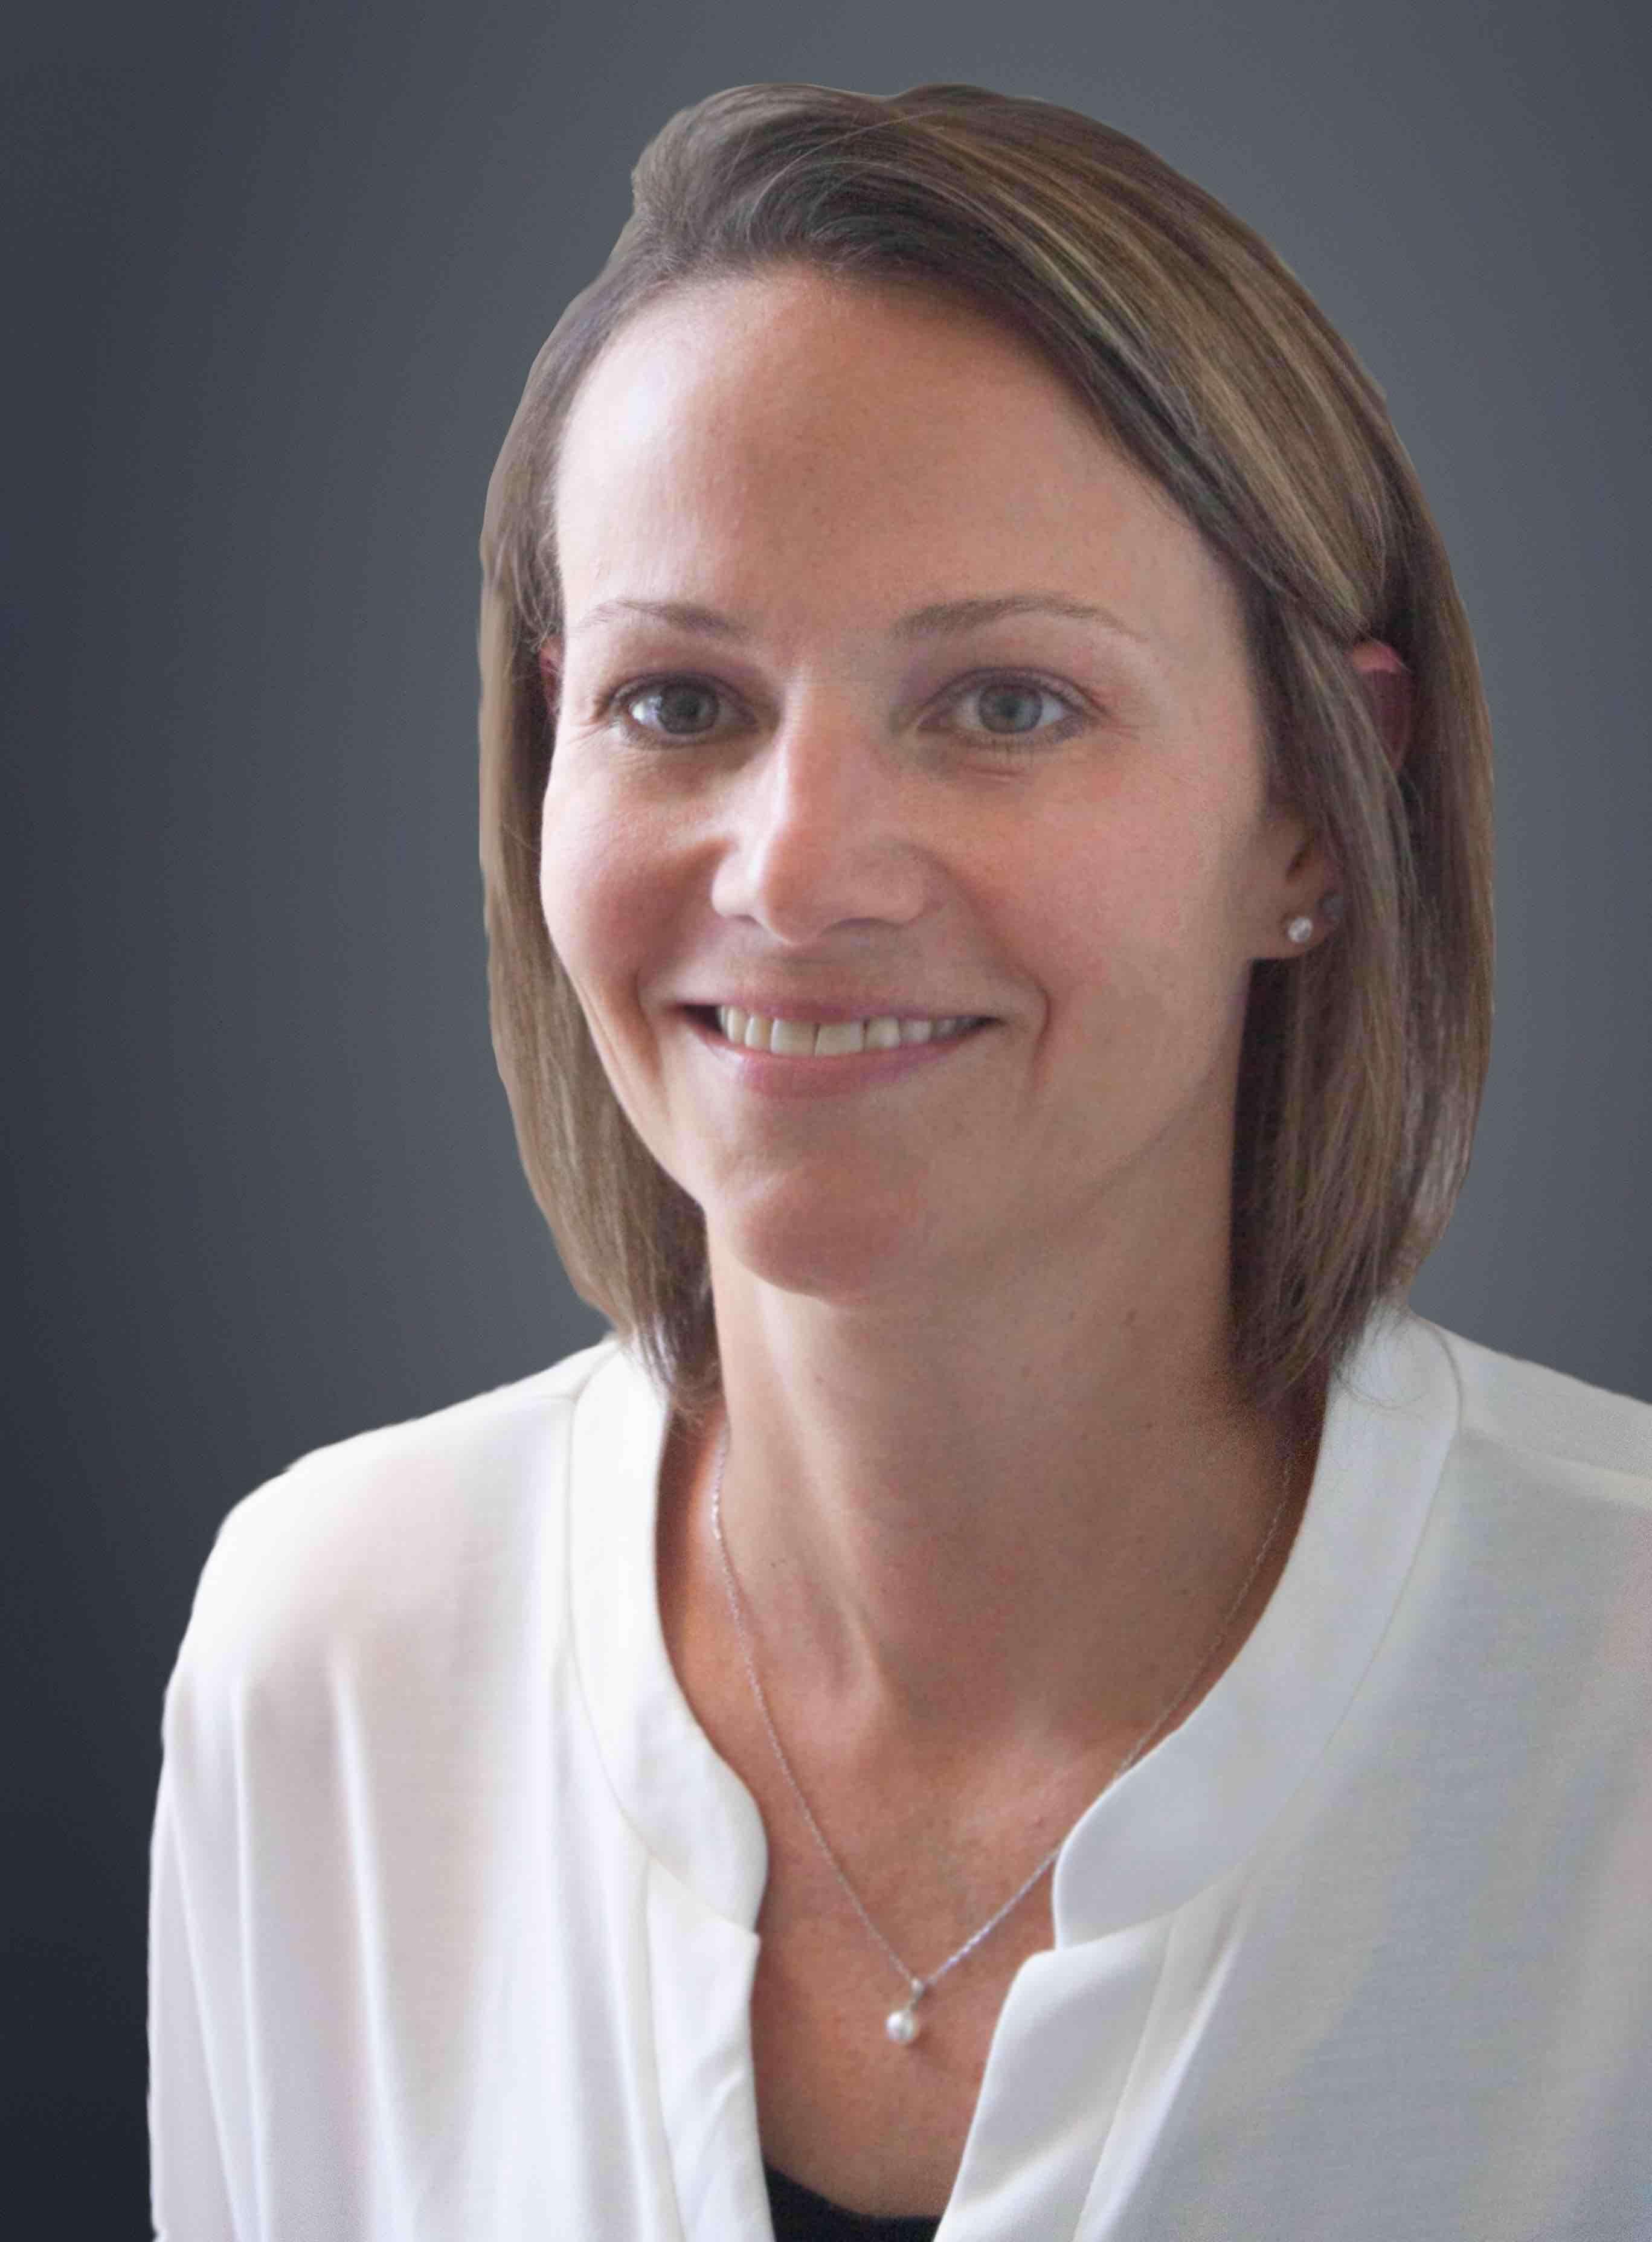 Suzanne Wedeven